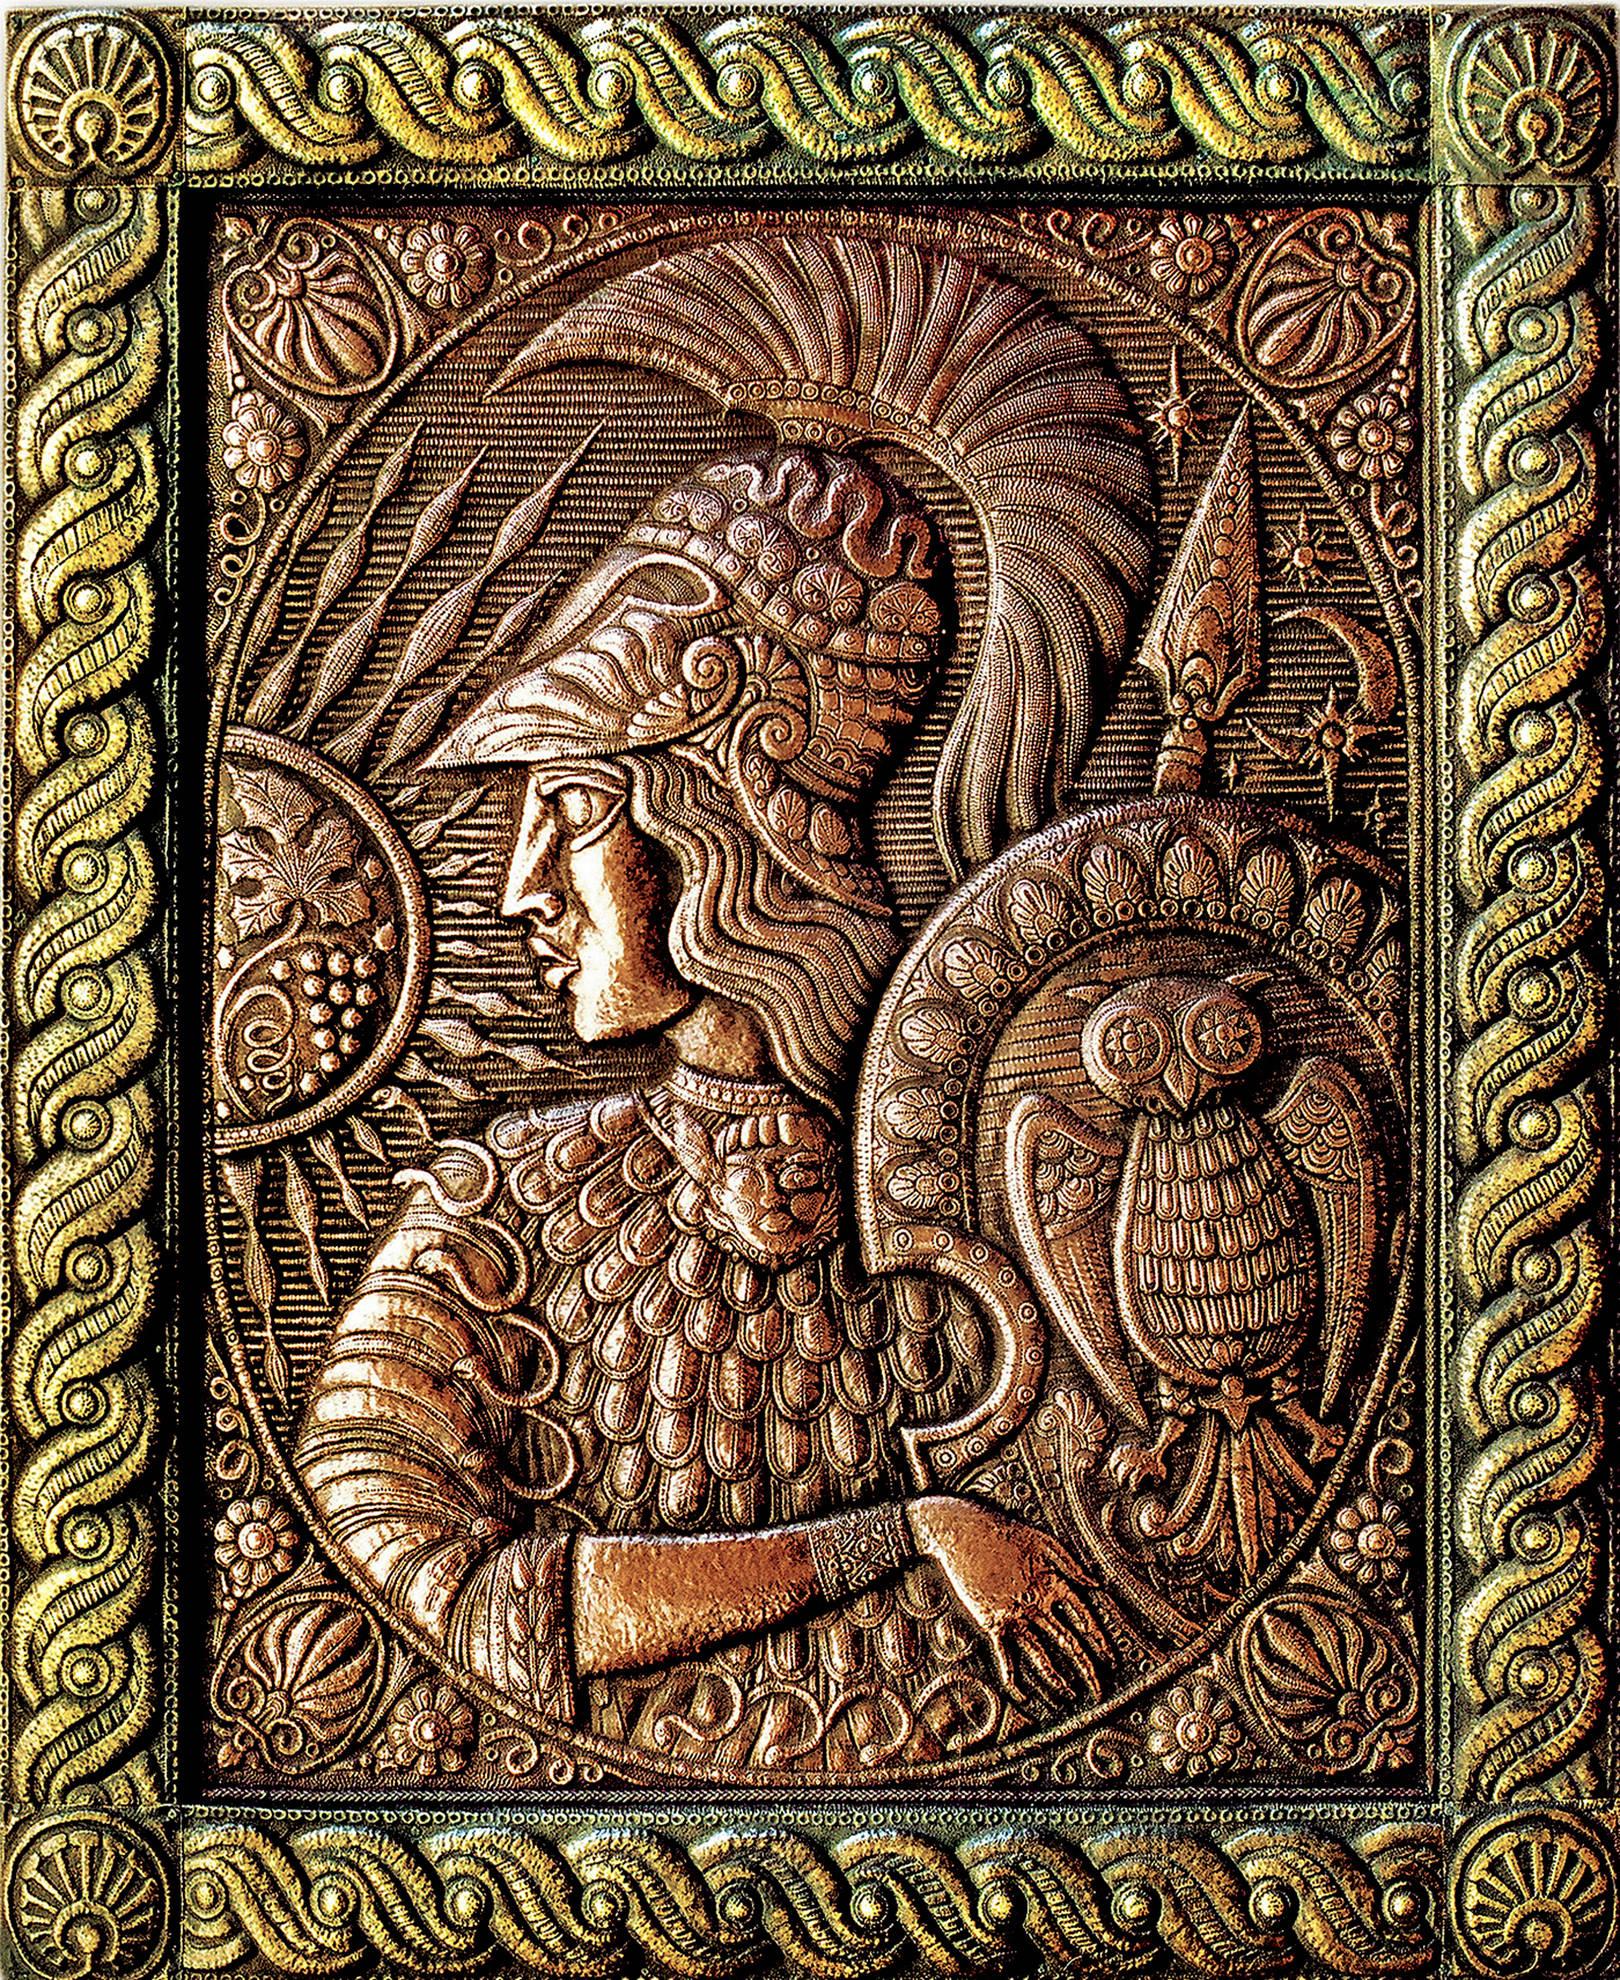 """Афина (панно из триптиха """"Великие богини) 1997 г. Медь, латунь; чернение. 90 х 70 см"""